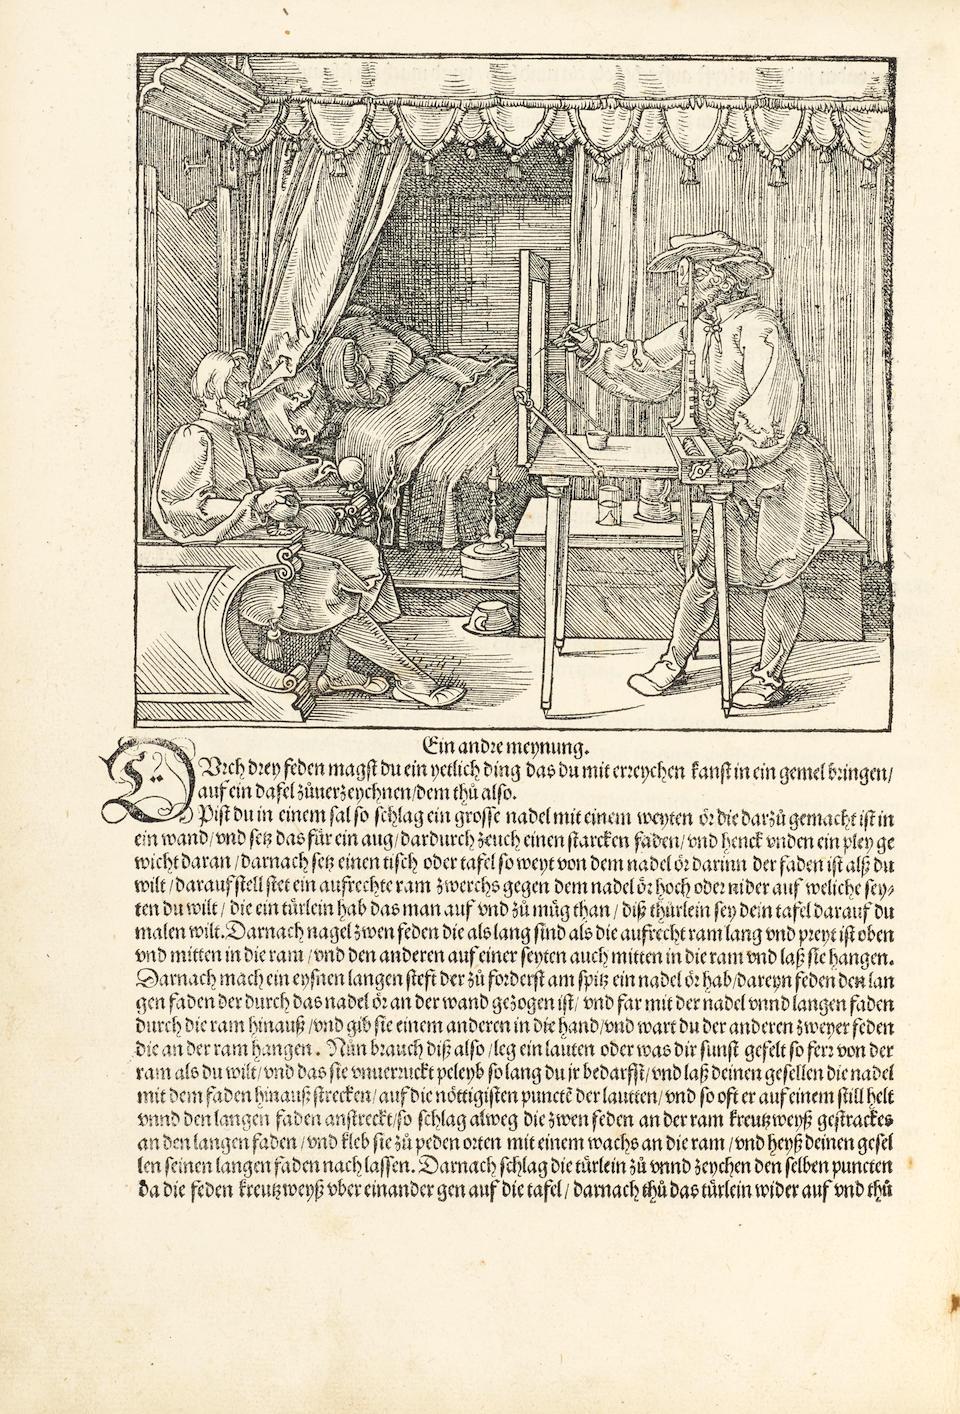 DÜRER, ALBRECHT. 1471-1528. Underweysung der messung, mit dem zirckel unn richtscheyt in Linien ebnen unnd gantzen corporen.  Nuremberg: [Hieronymus Andreas Formschneider], 1525.